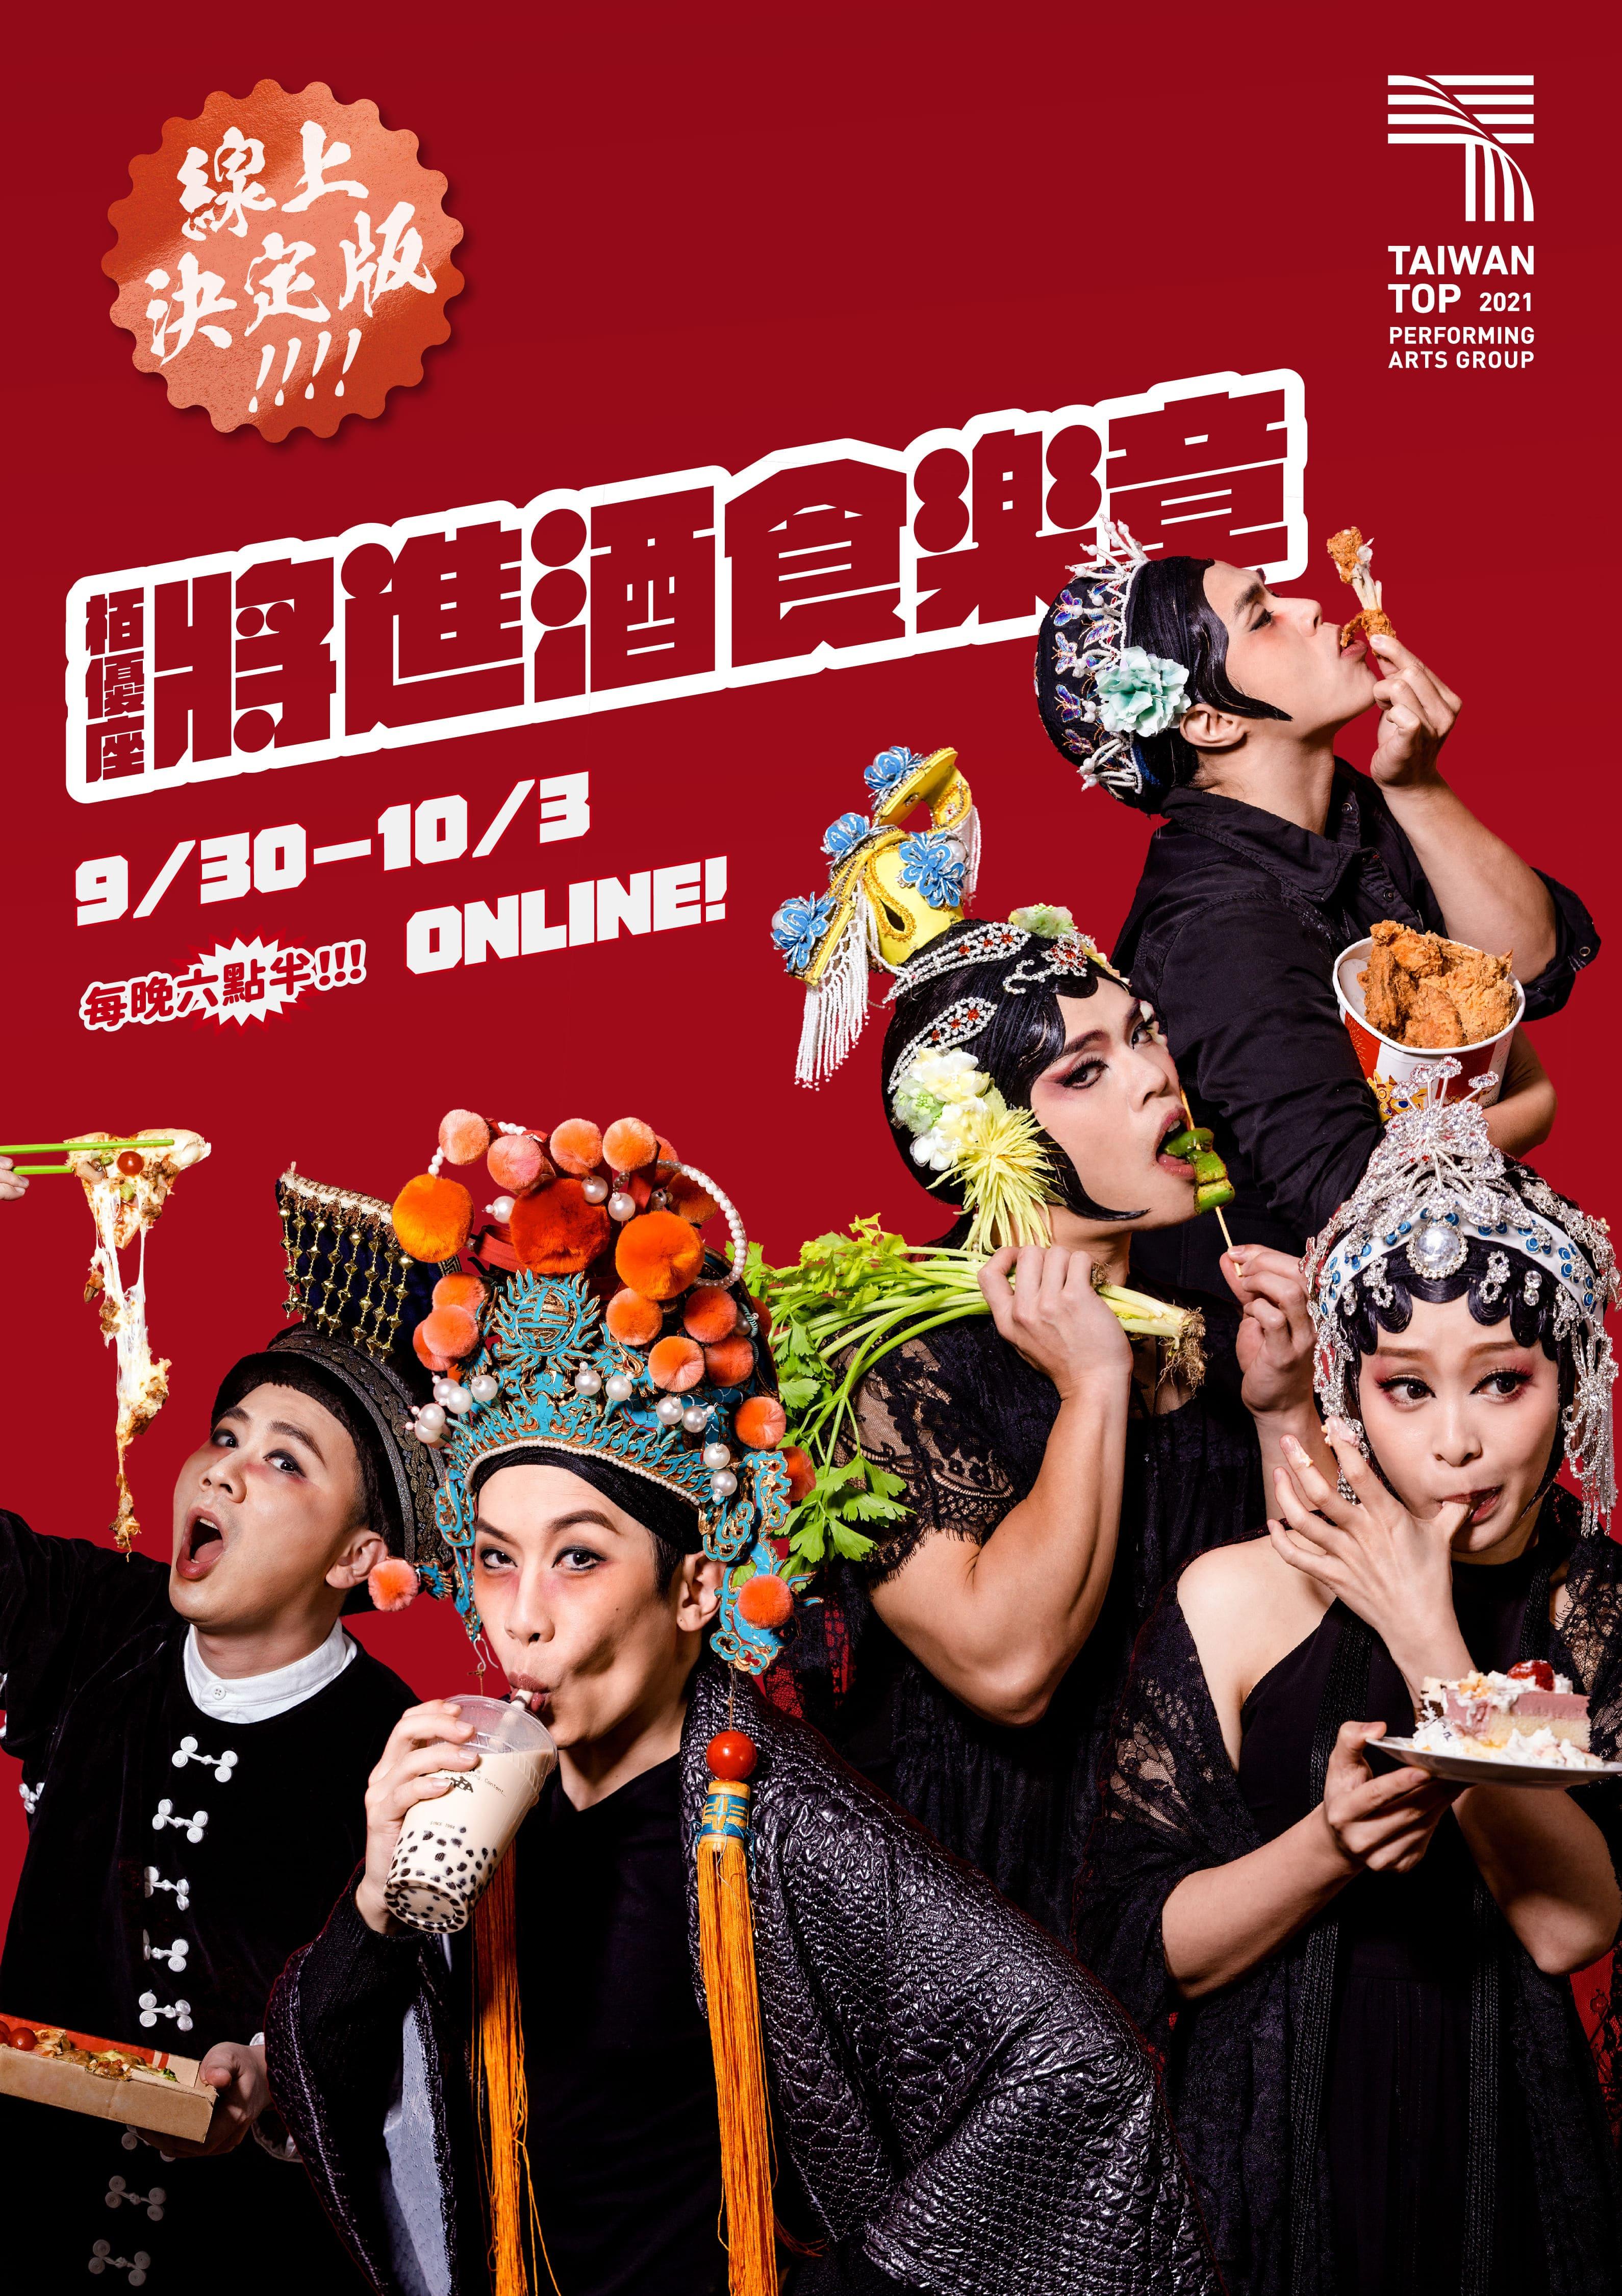 2021臺北藝術節《將進酒食樂章─線上決定版》